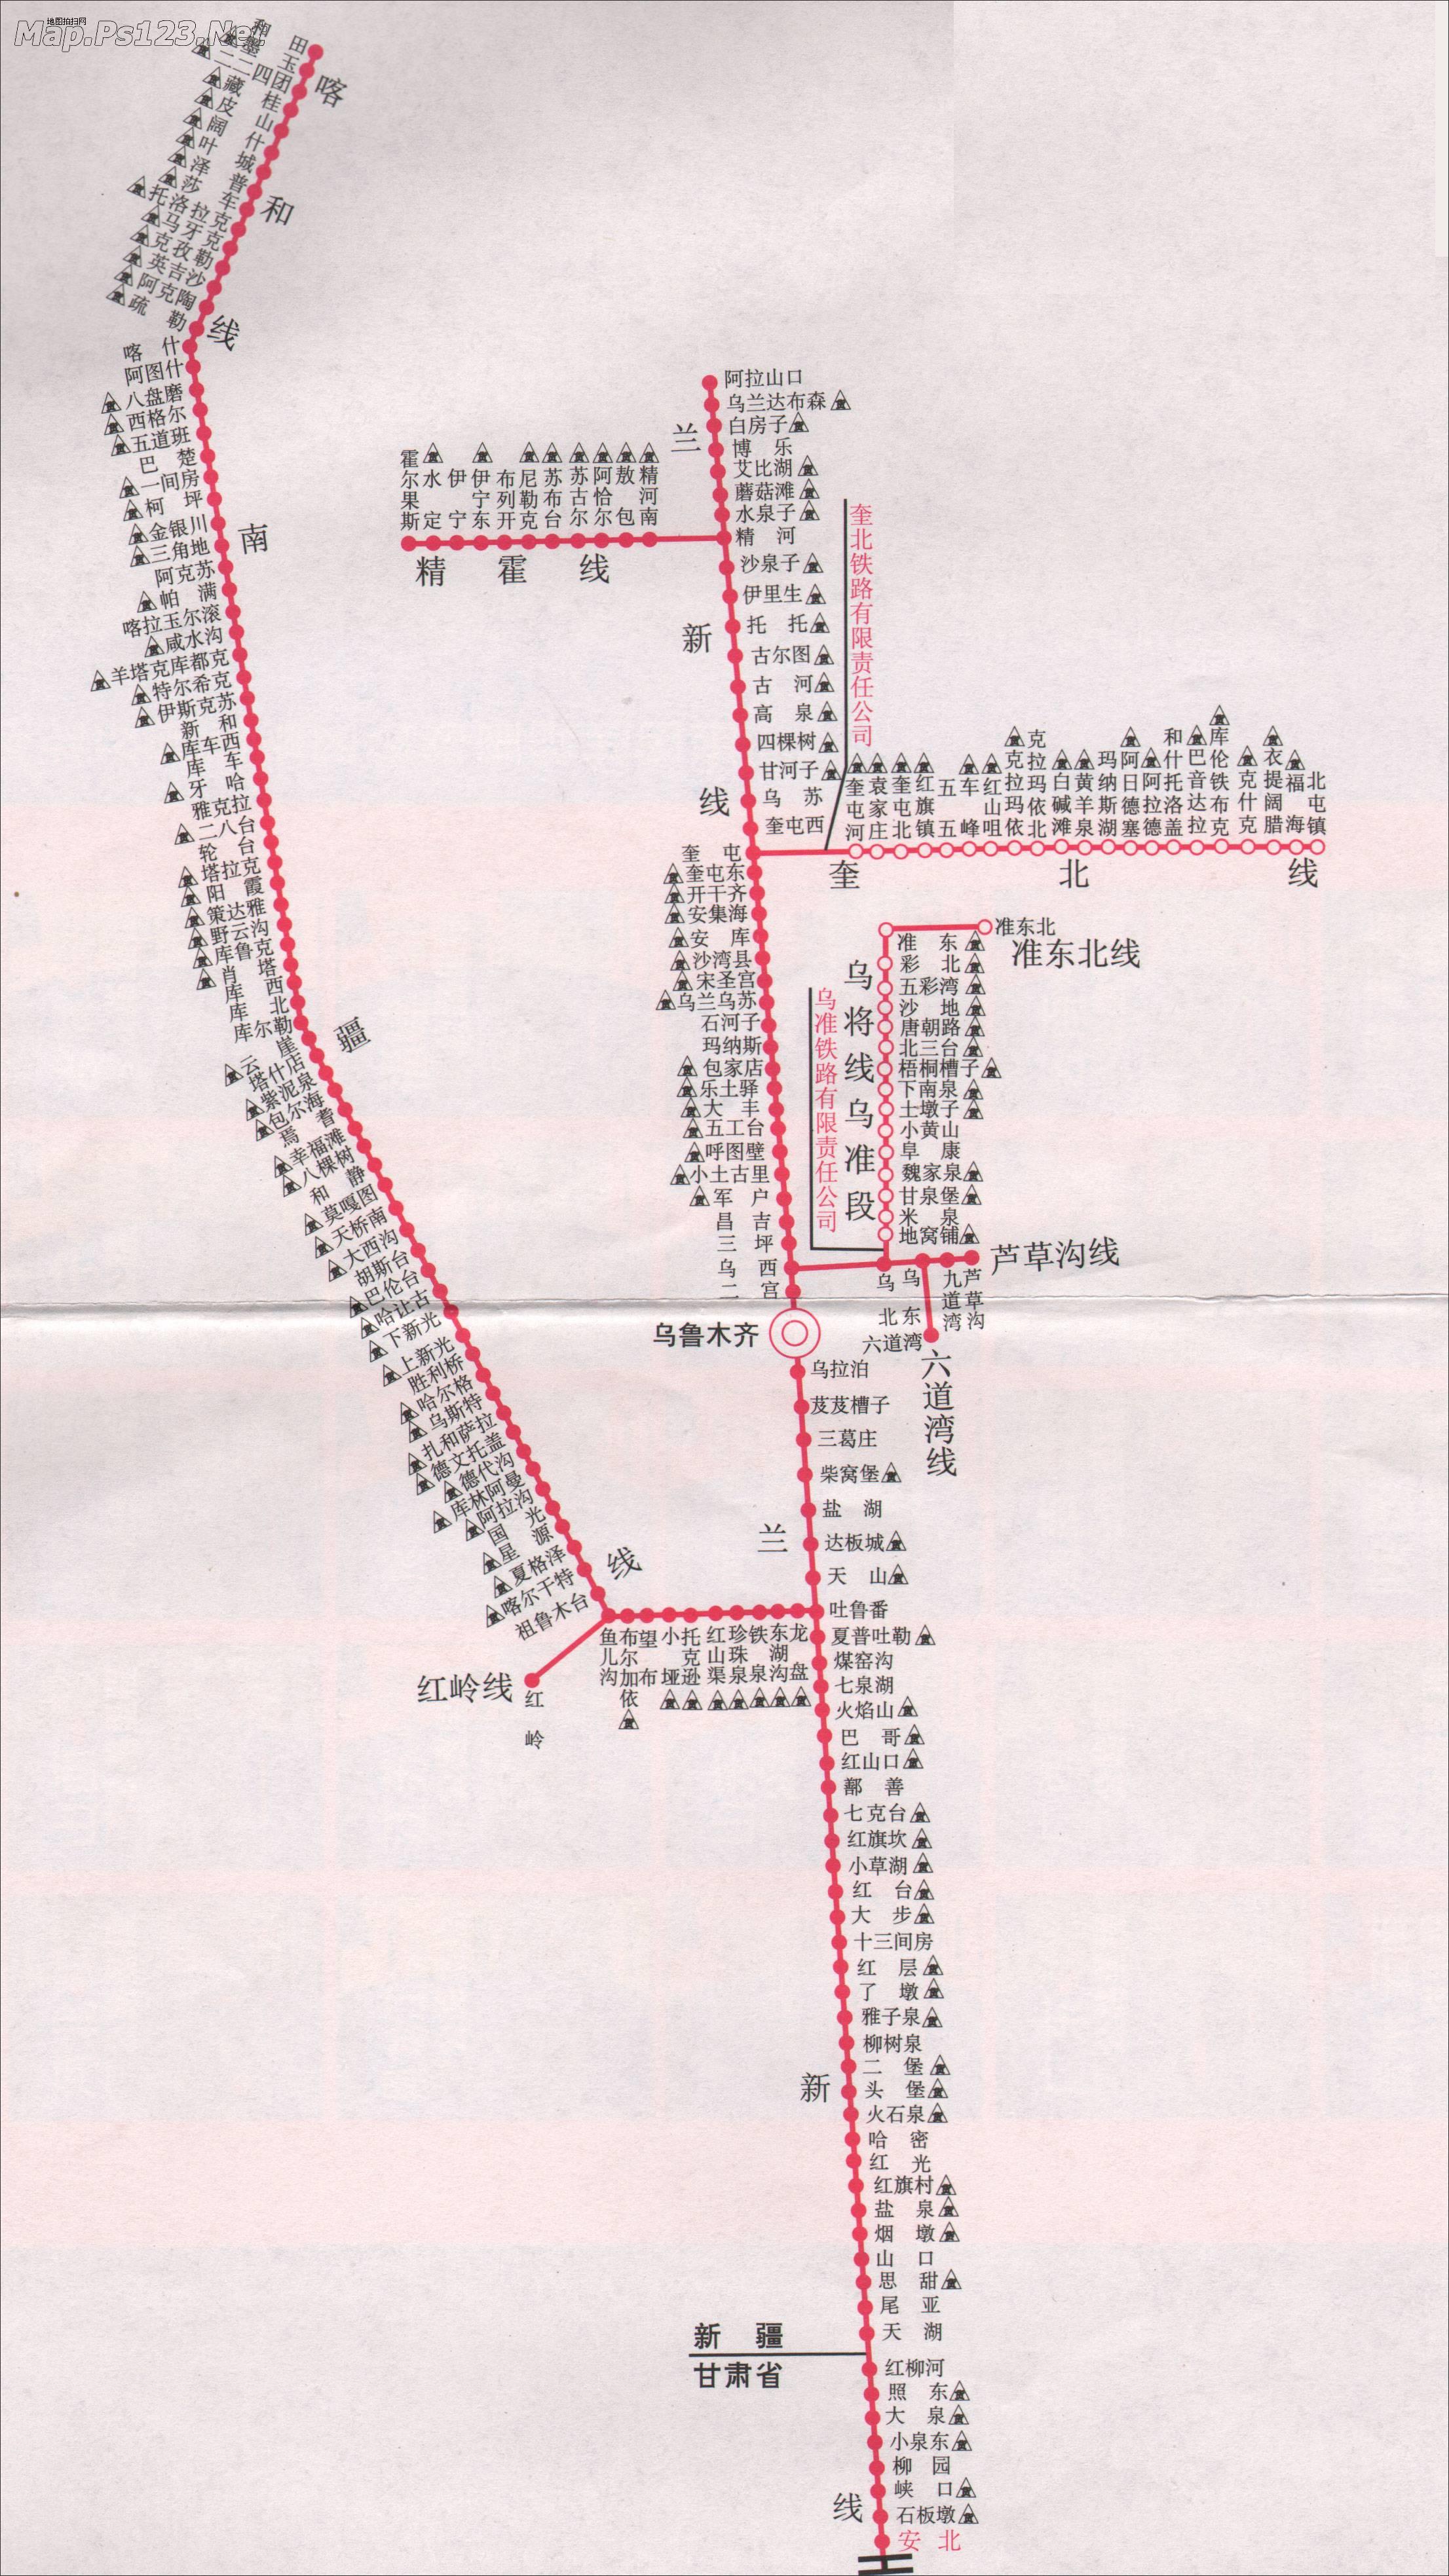 乌鲁木齐局管辖的铁路线路图